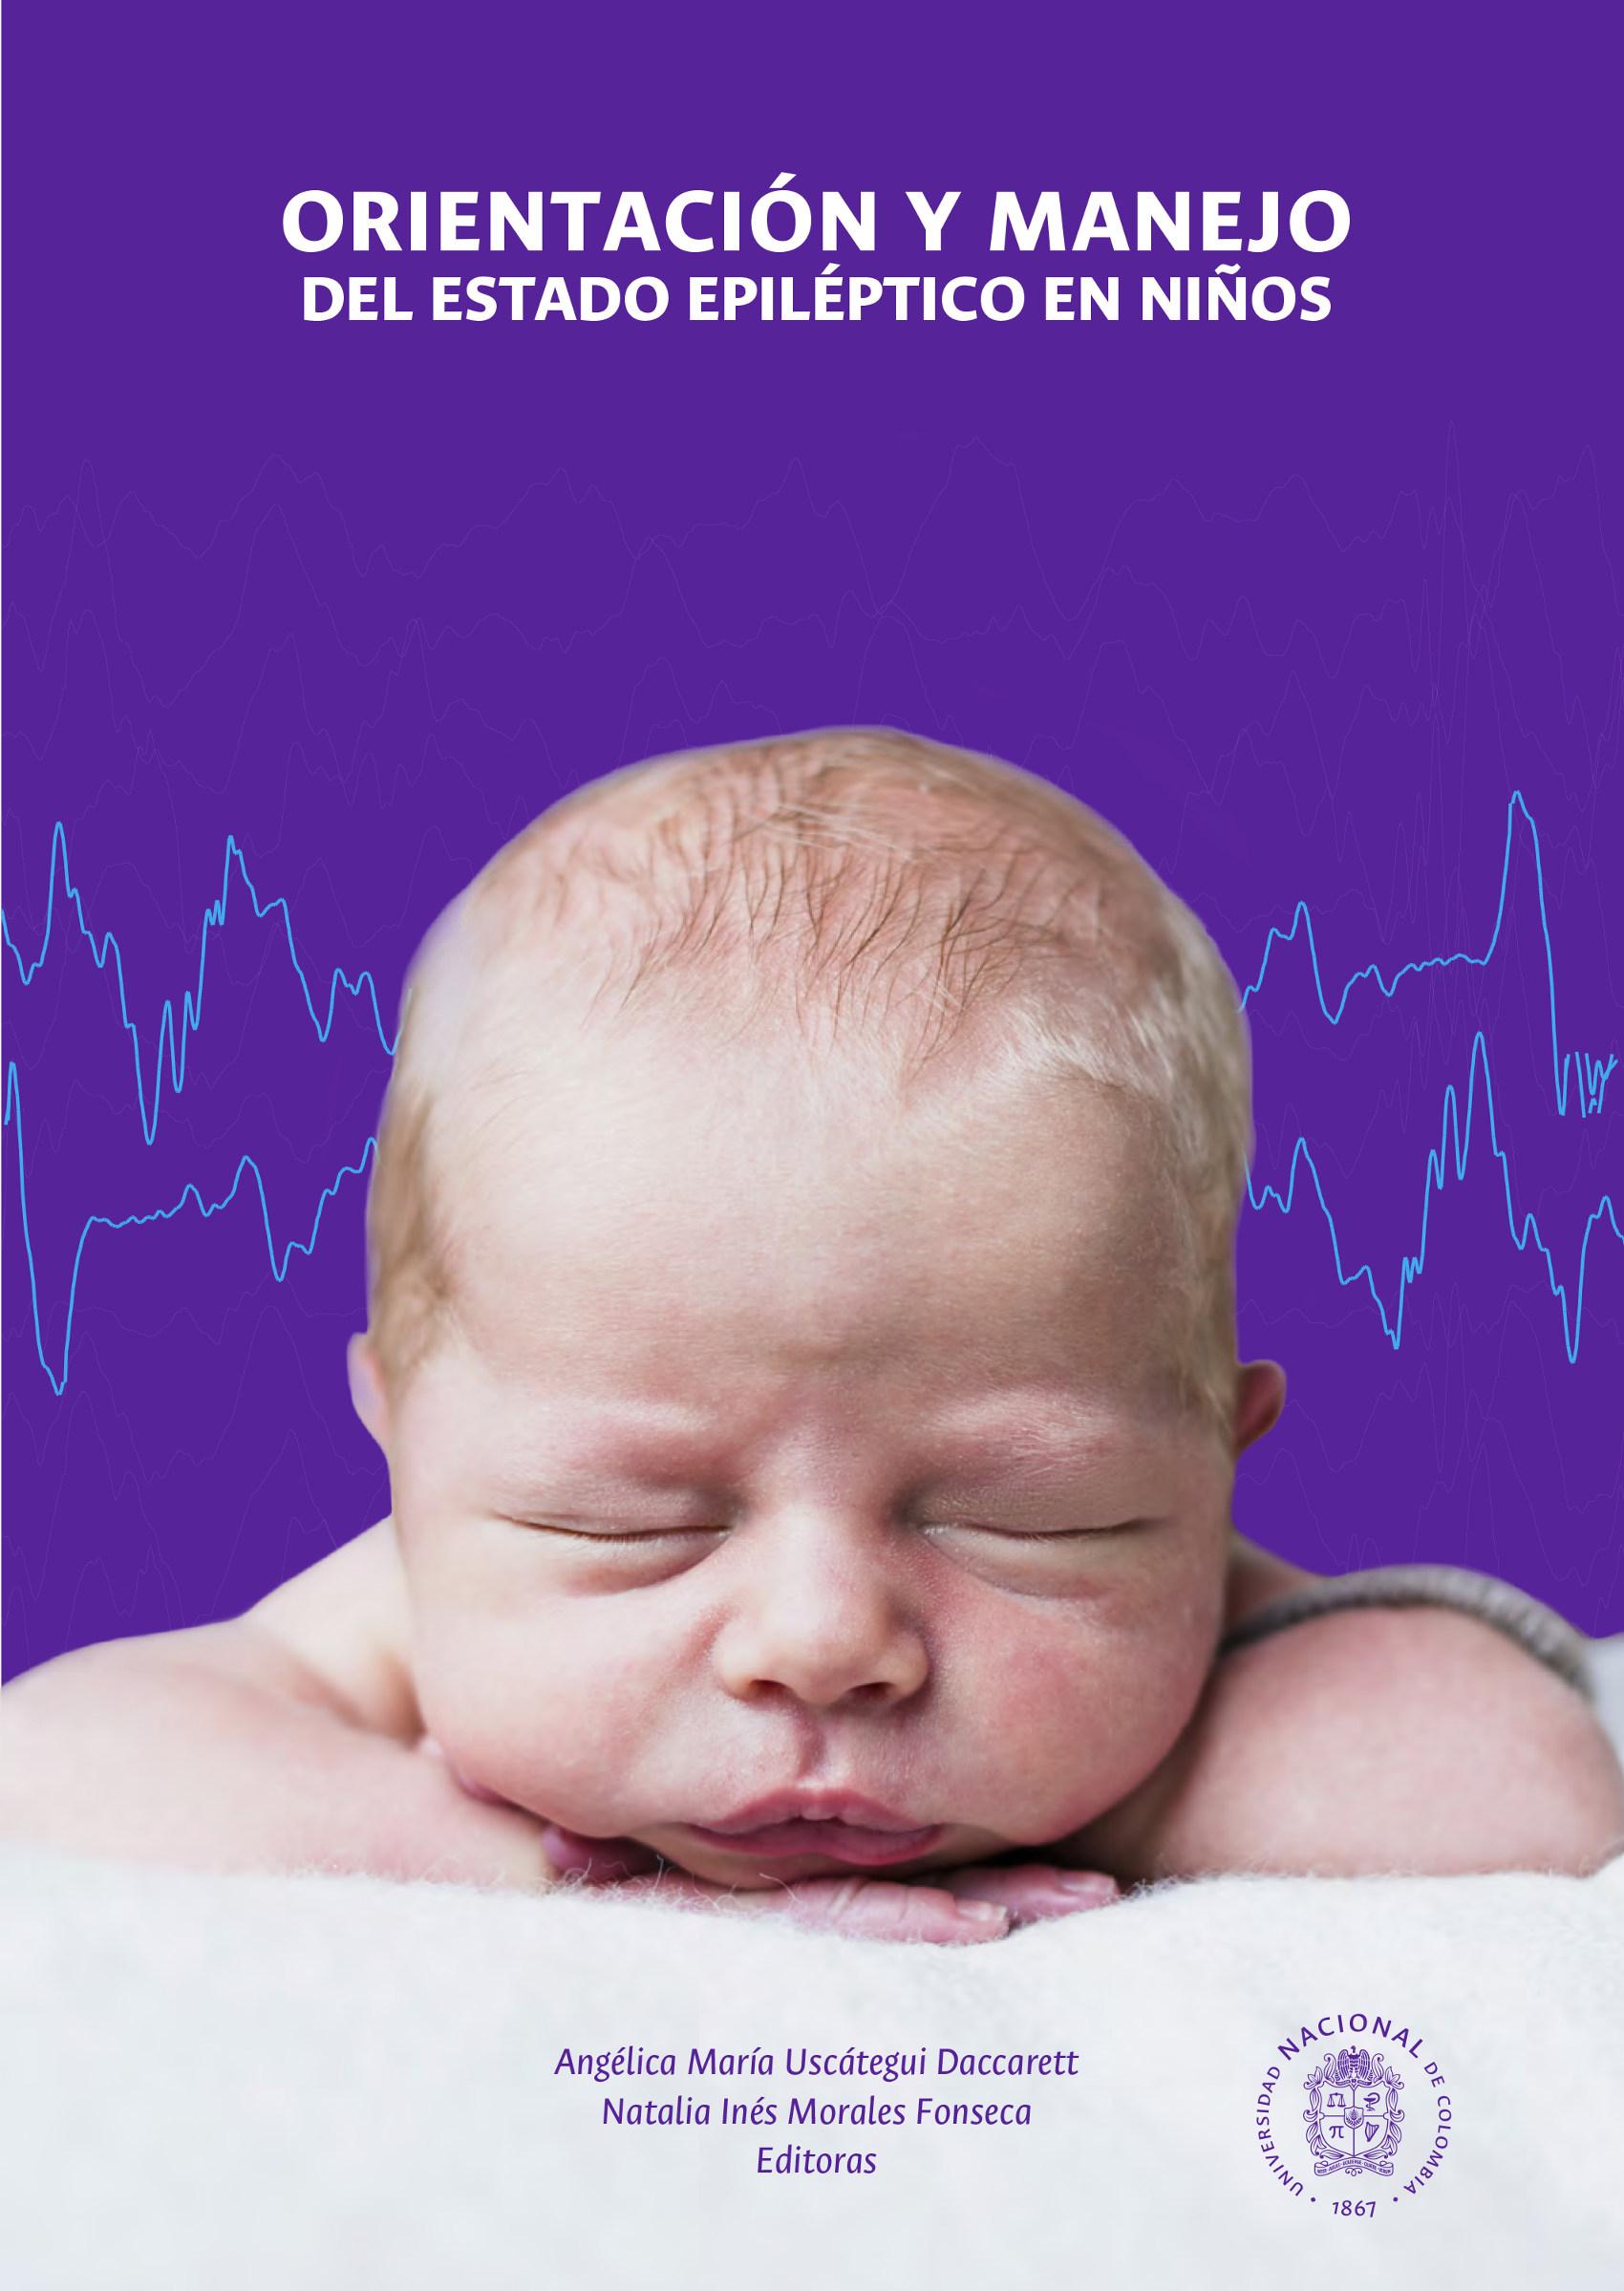 'Orientación y manejo del estado epiléptico en niños'